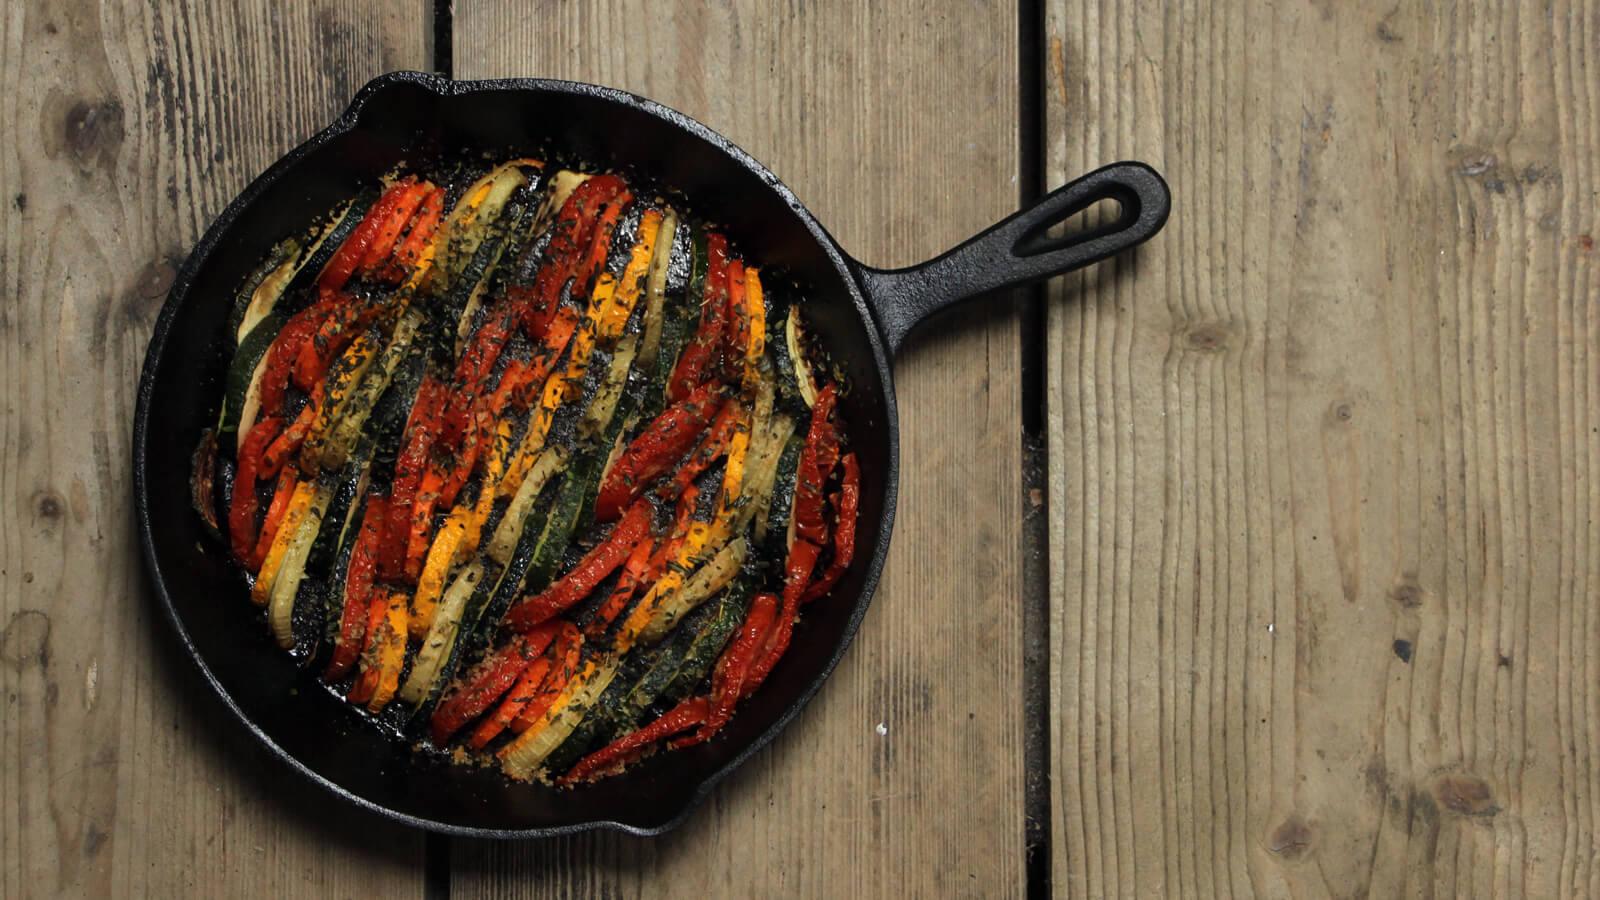 Op zoek naar een lekker recept voor groente van de BBQ? Deze Tian is het proberen waard!